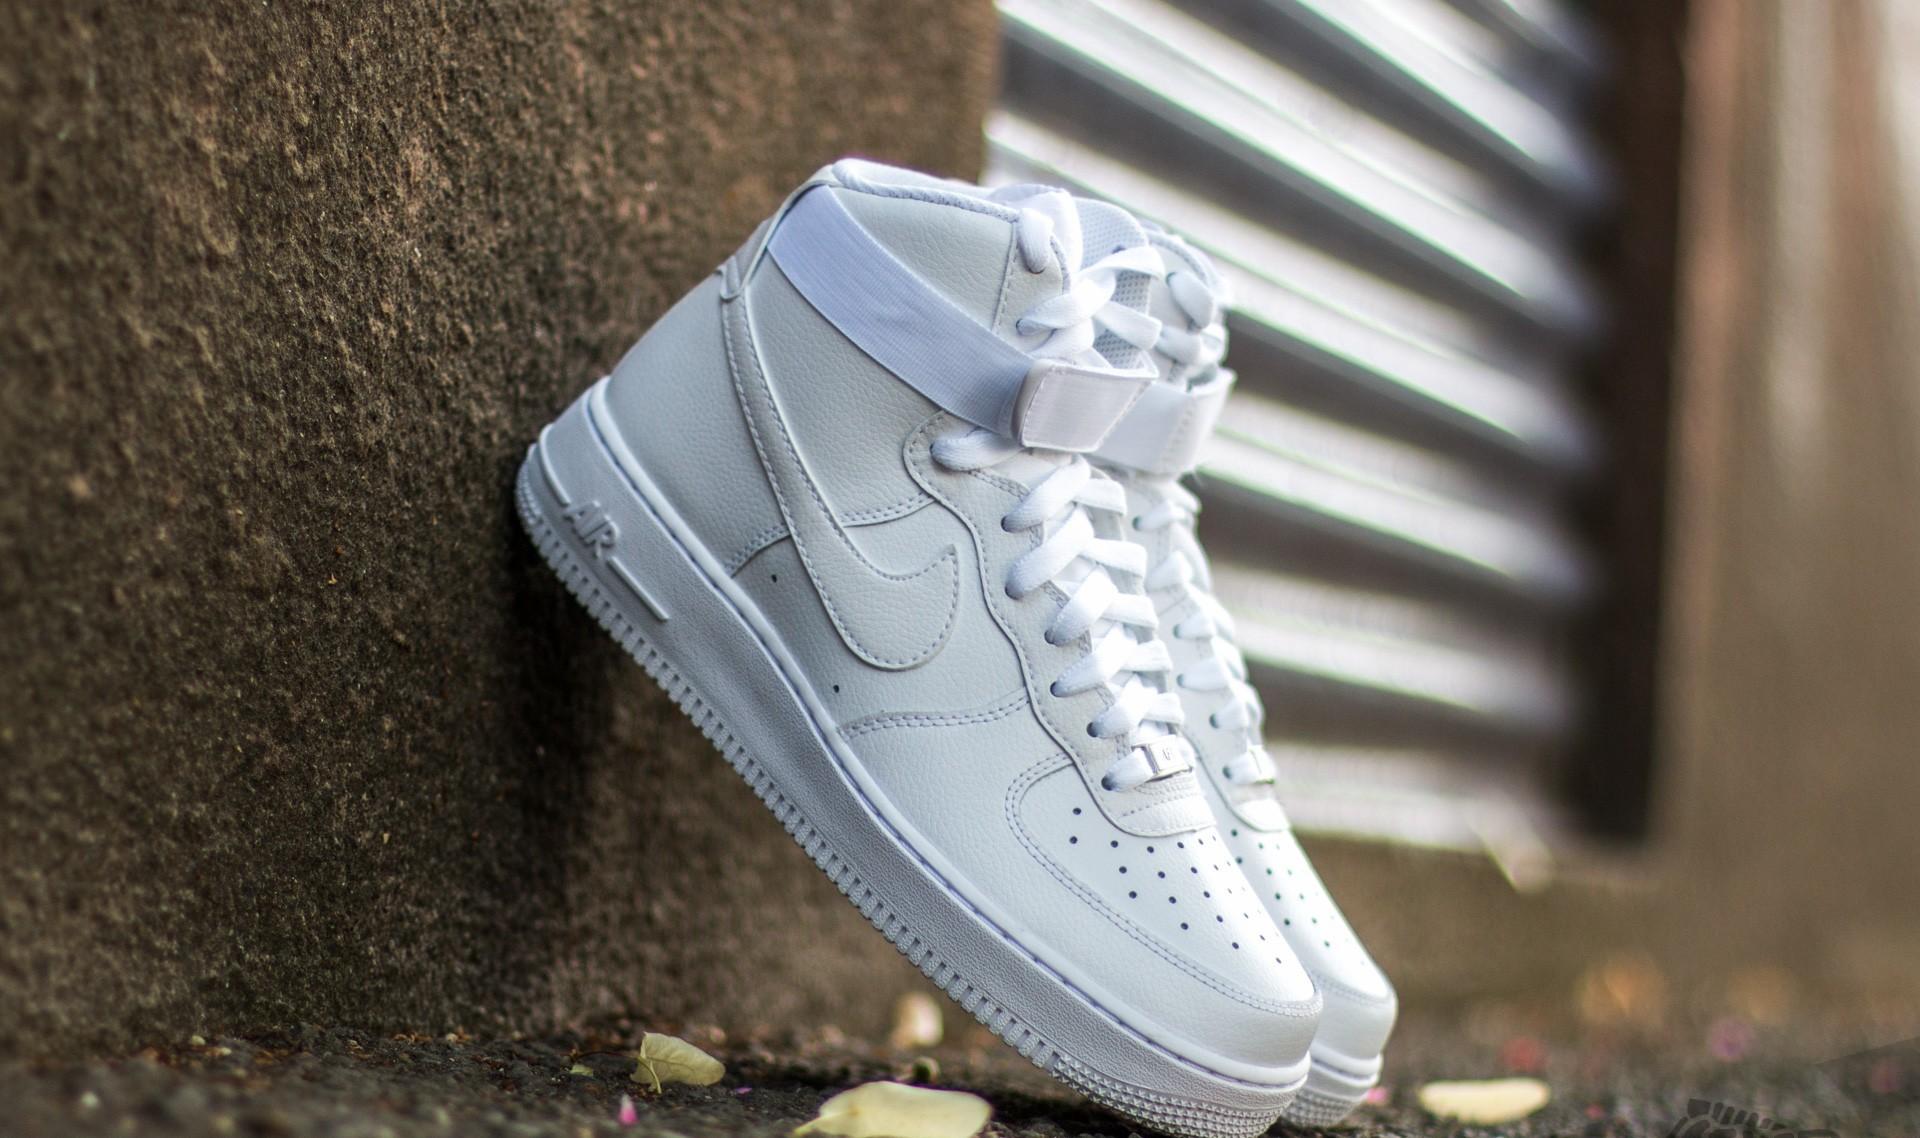 Nike Air Force 1 High '07 White/ White EUR 47.5